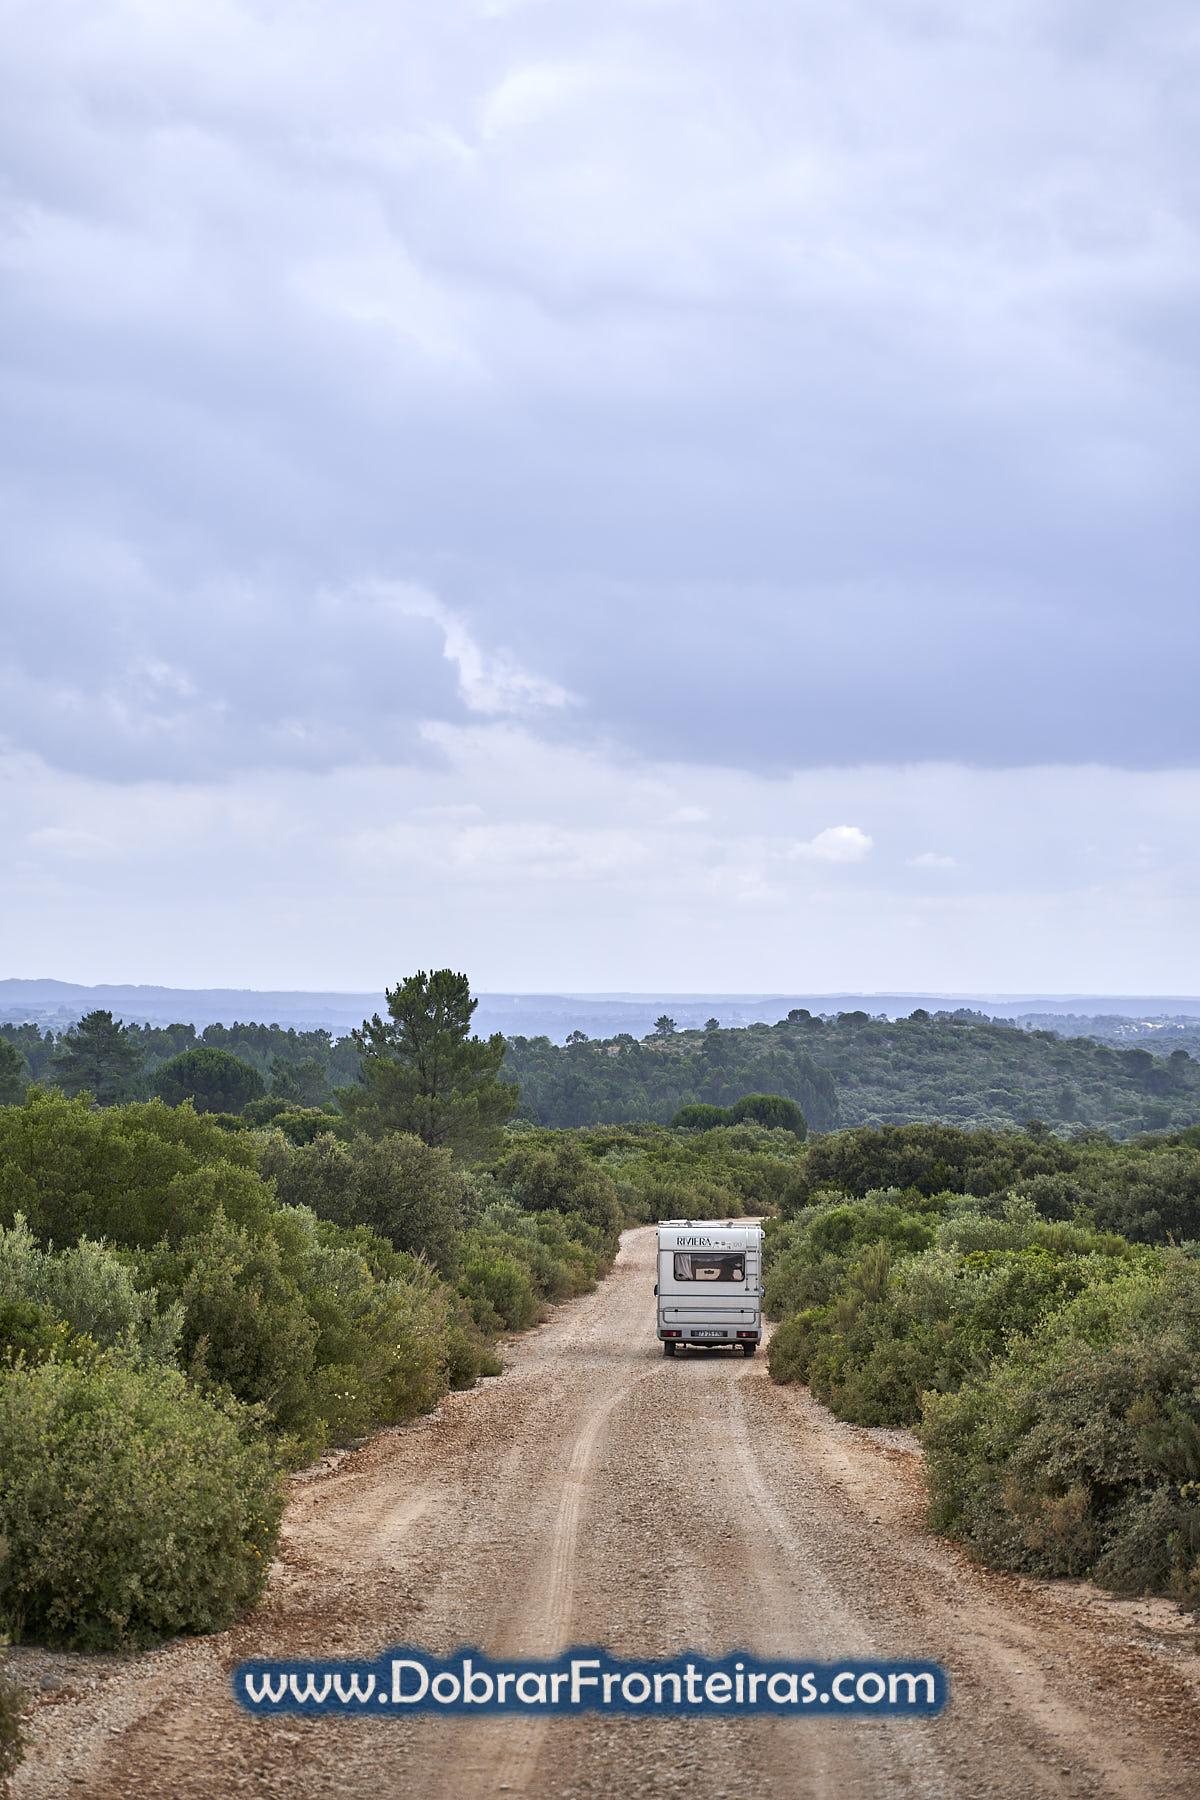 autocaravana em caminho na serra offroad